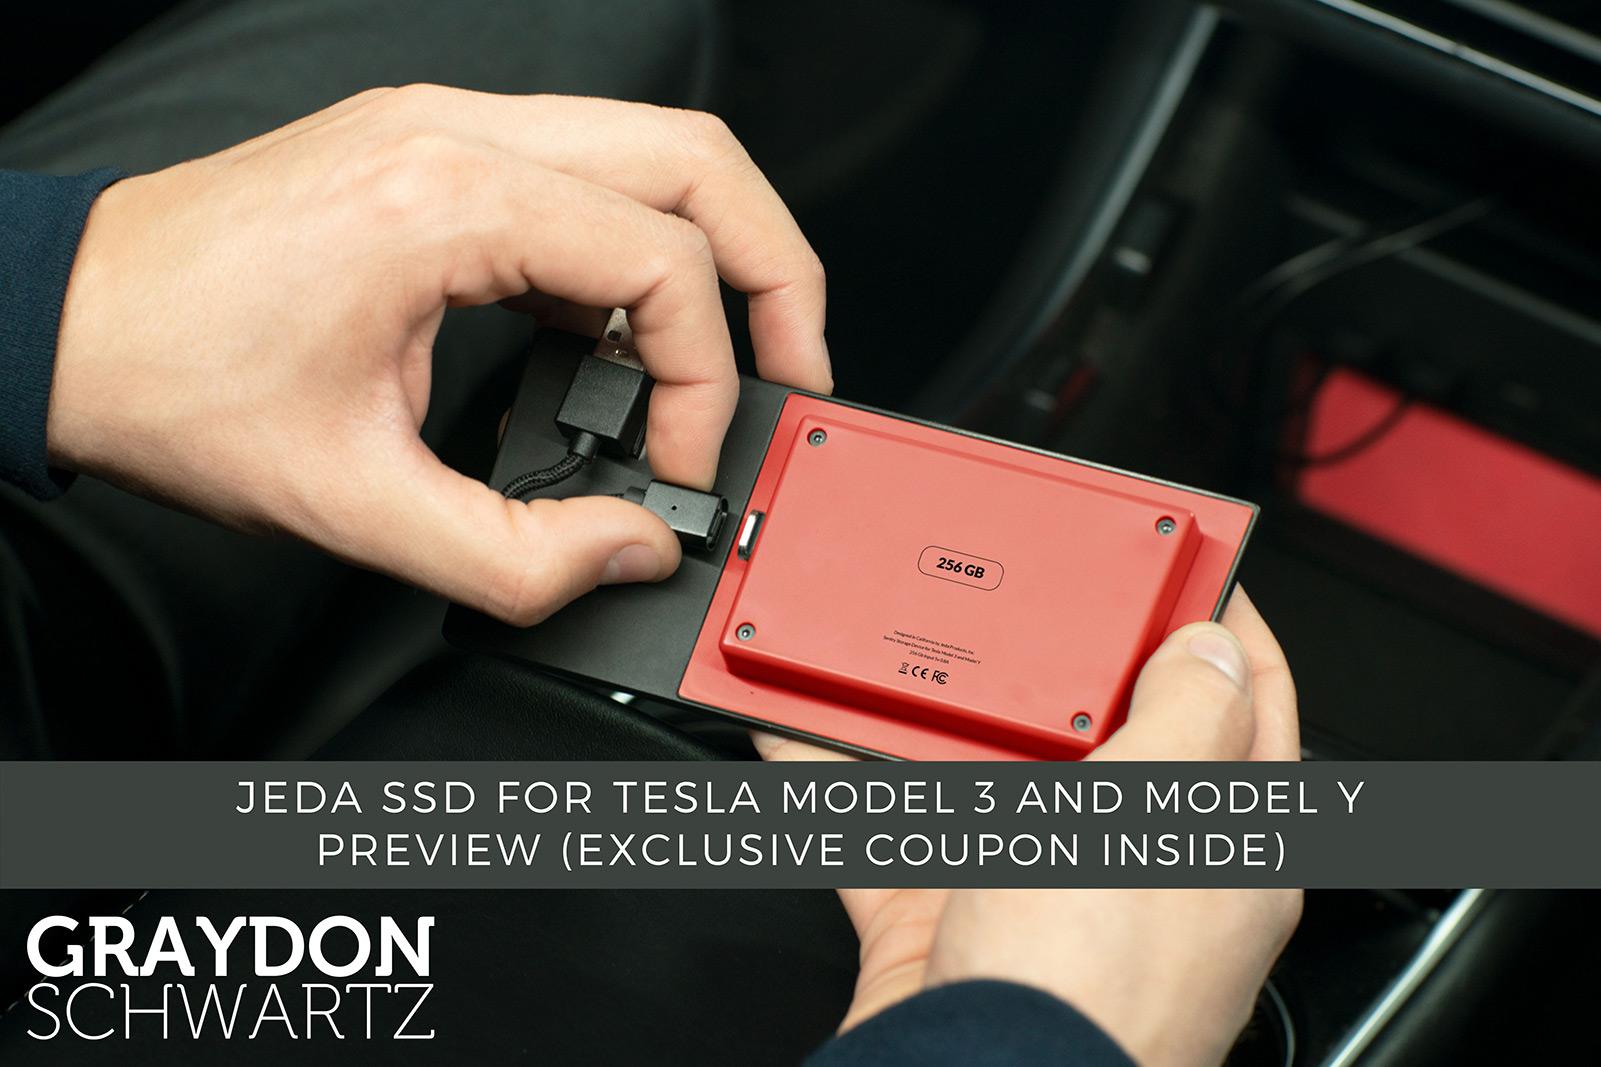 Jeda SSD Preview